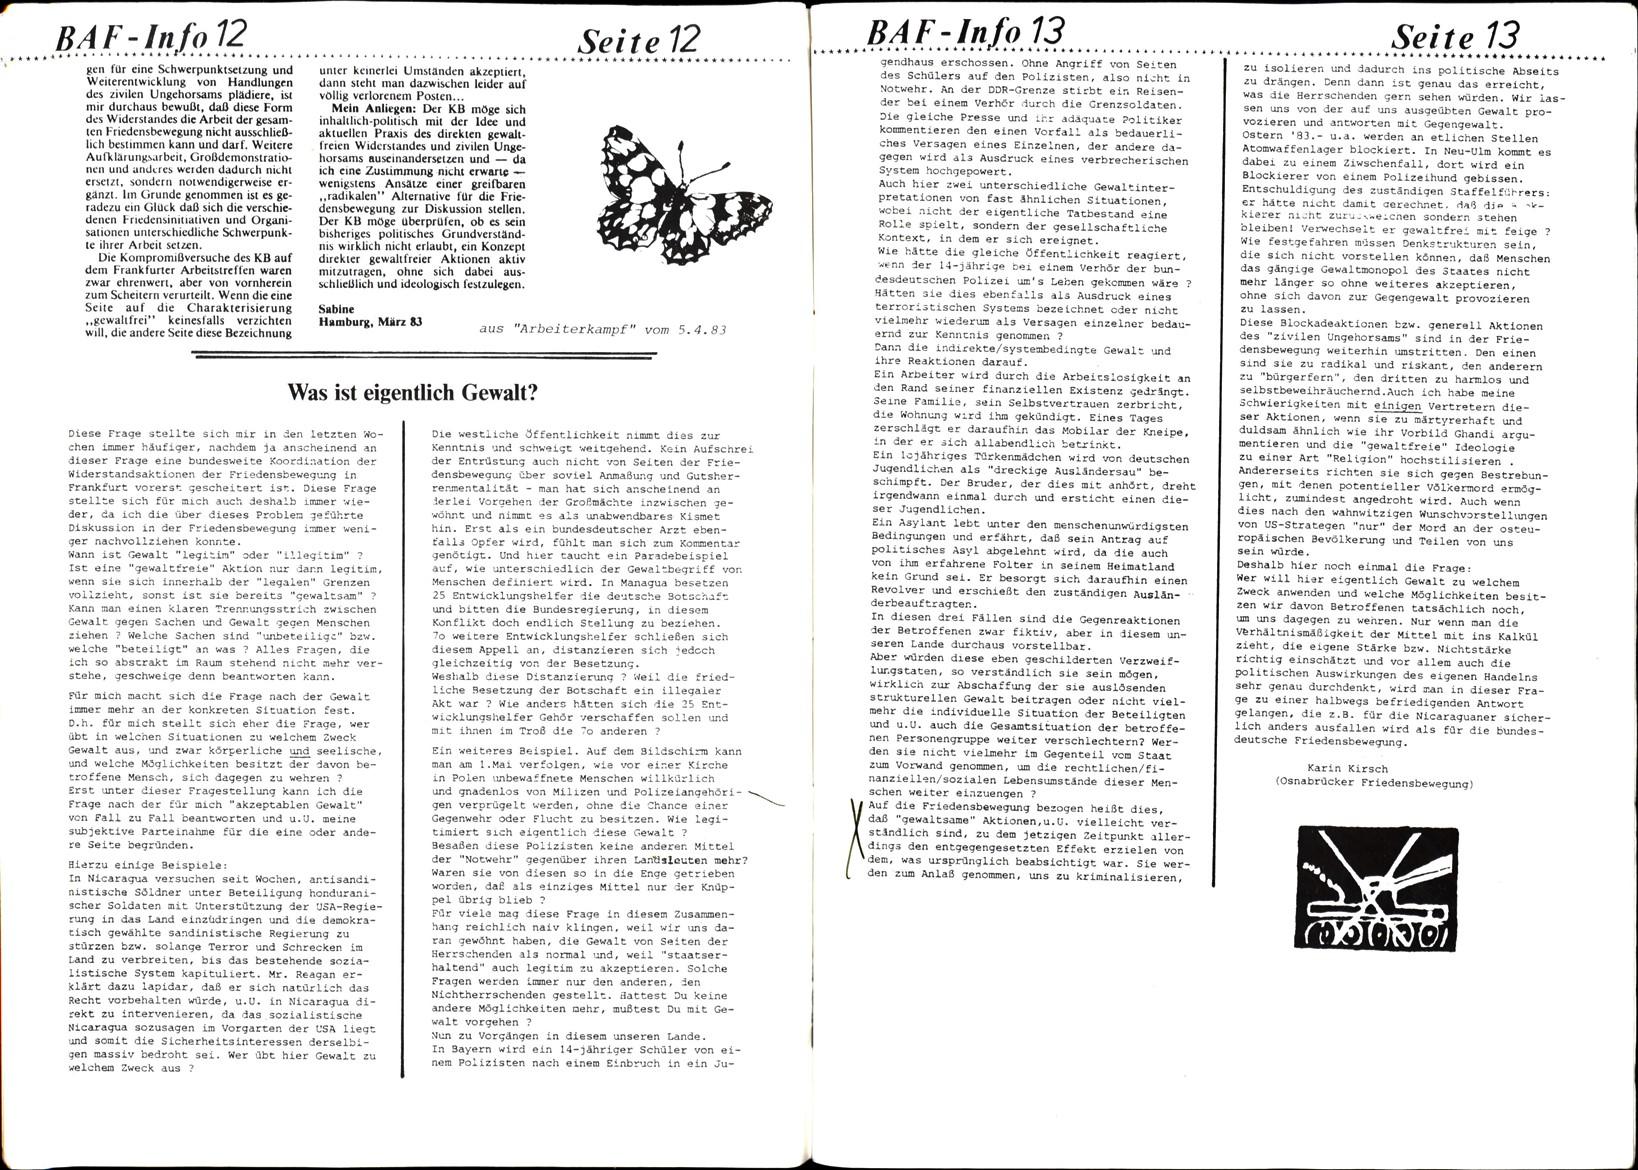 BAF_Info_03_19830600_07